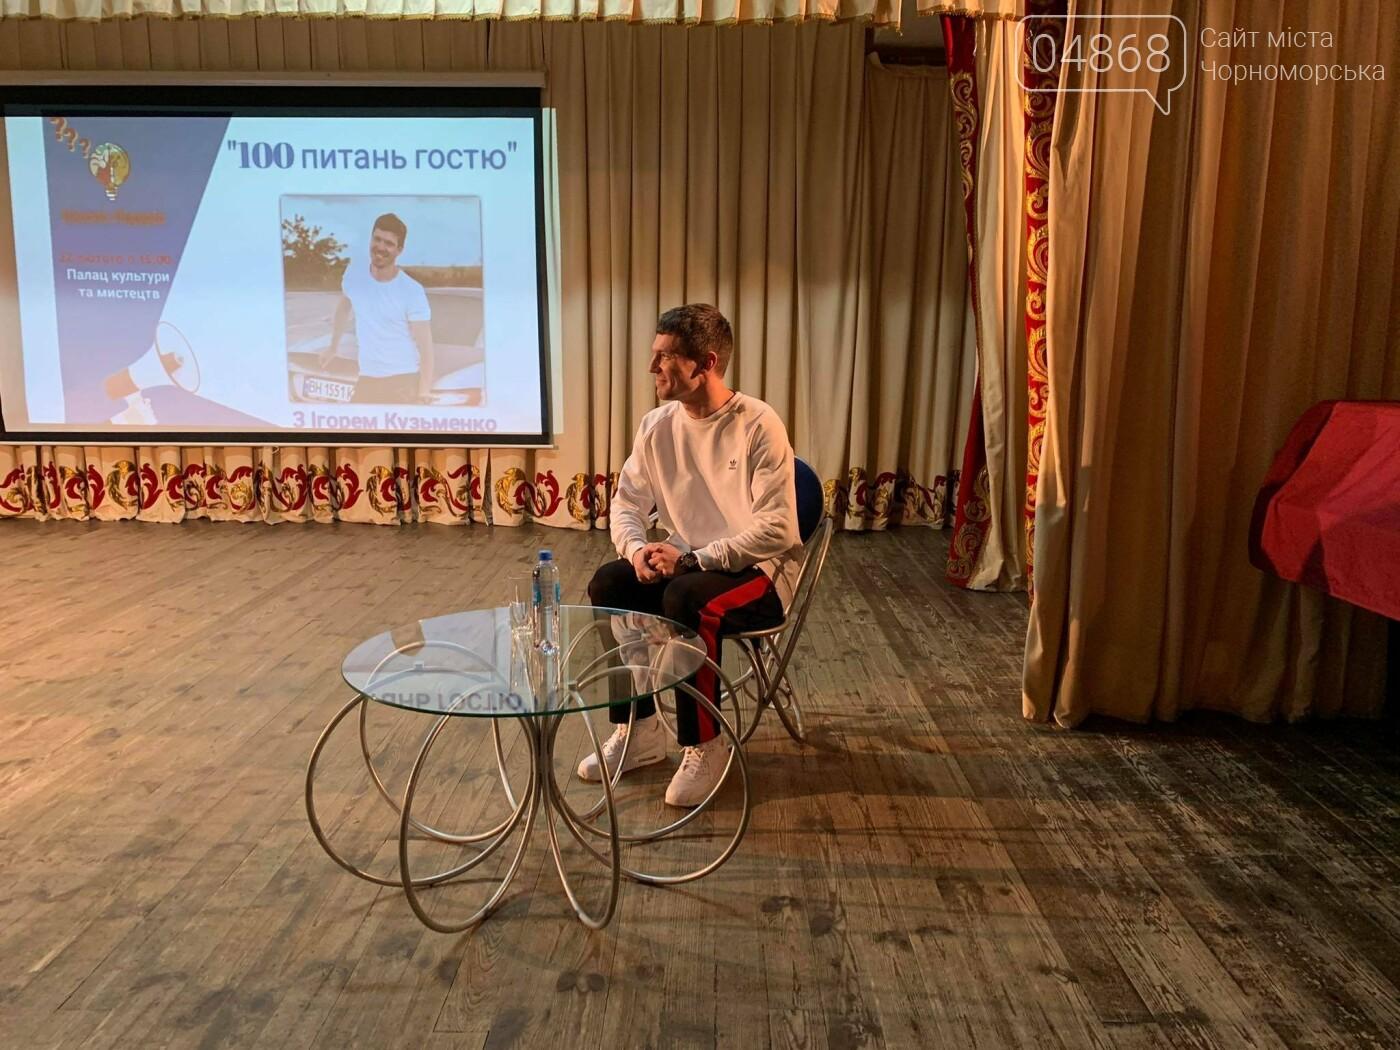 О жизни, о спорте и многом другом: Игорь Кузьменко ответил на вопросы юных лидеров (видео), фото-3